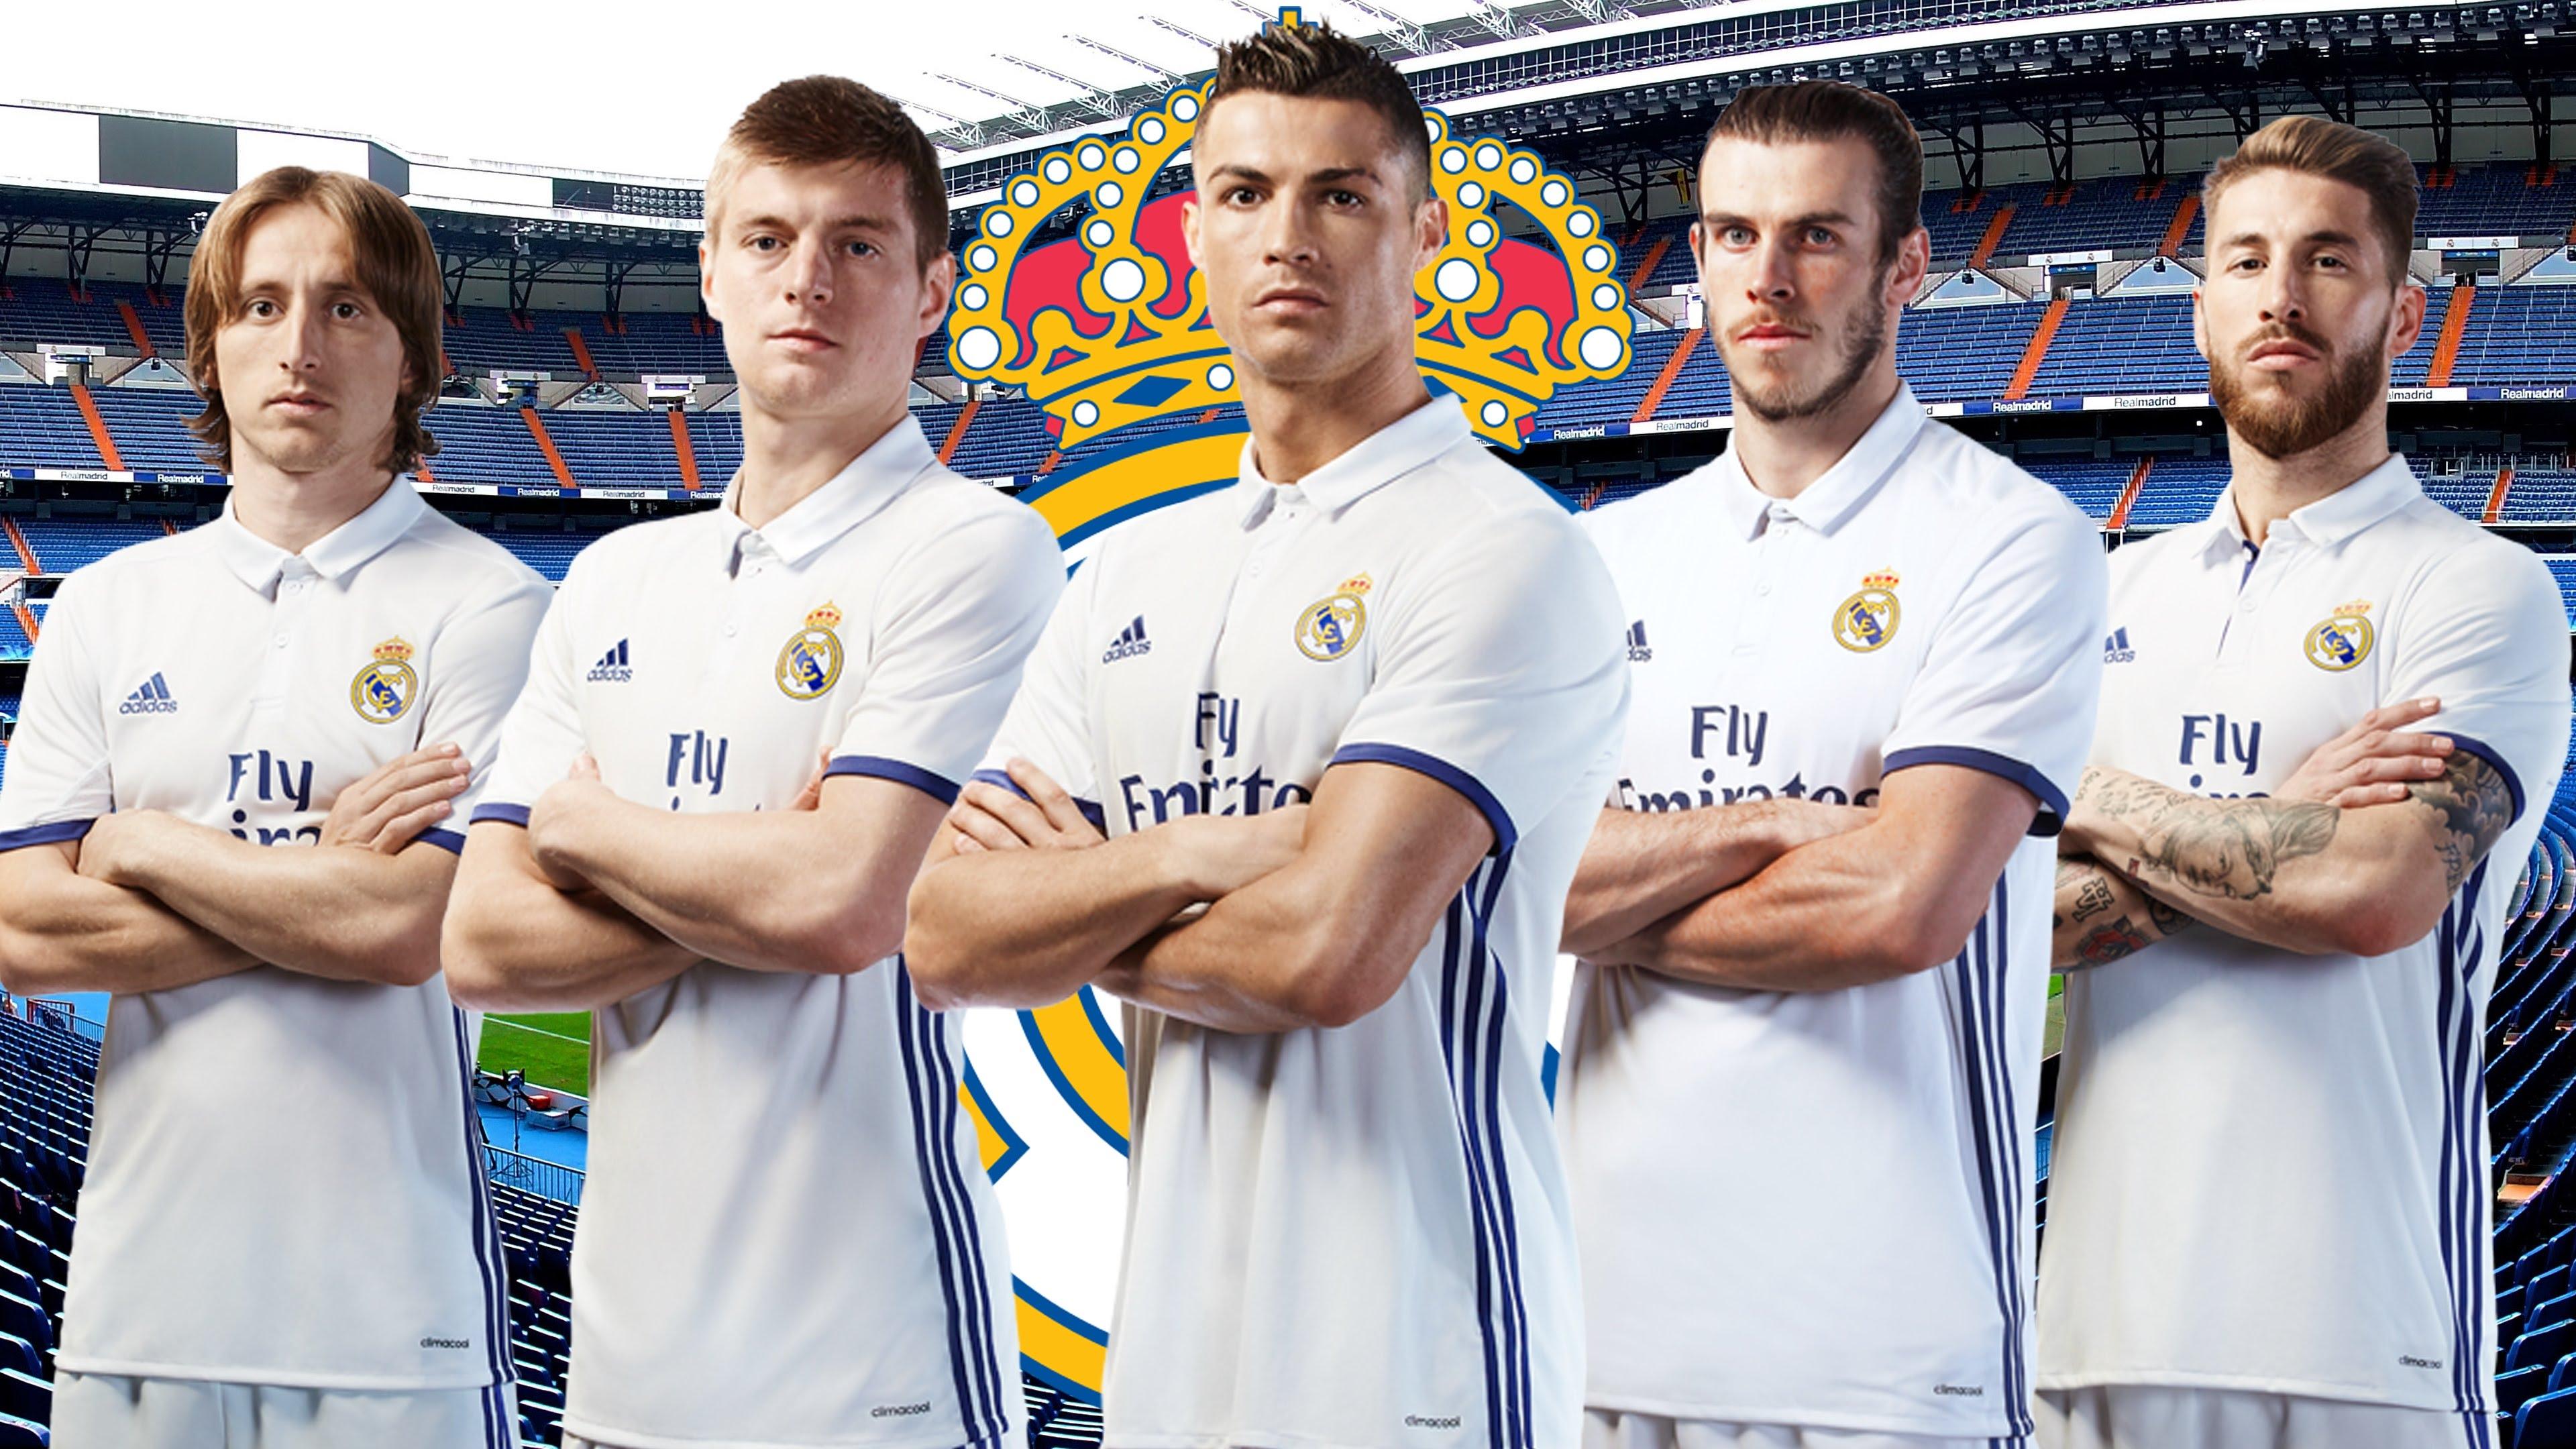 Реал Мадрид исп Real Madrid Club de Fútbol испанский профессиональный футбольный клуб из